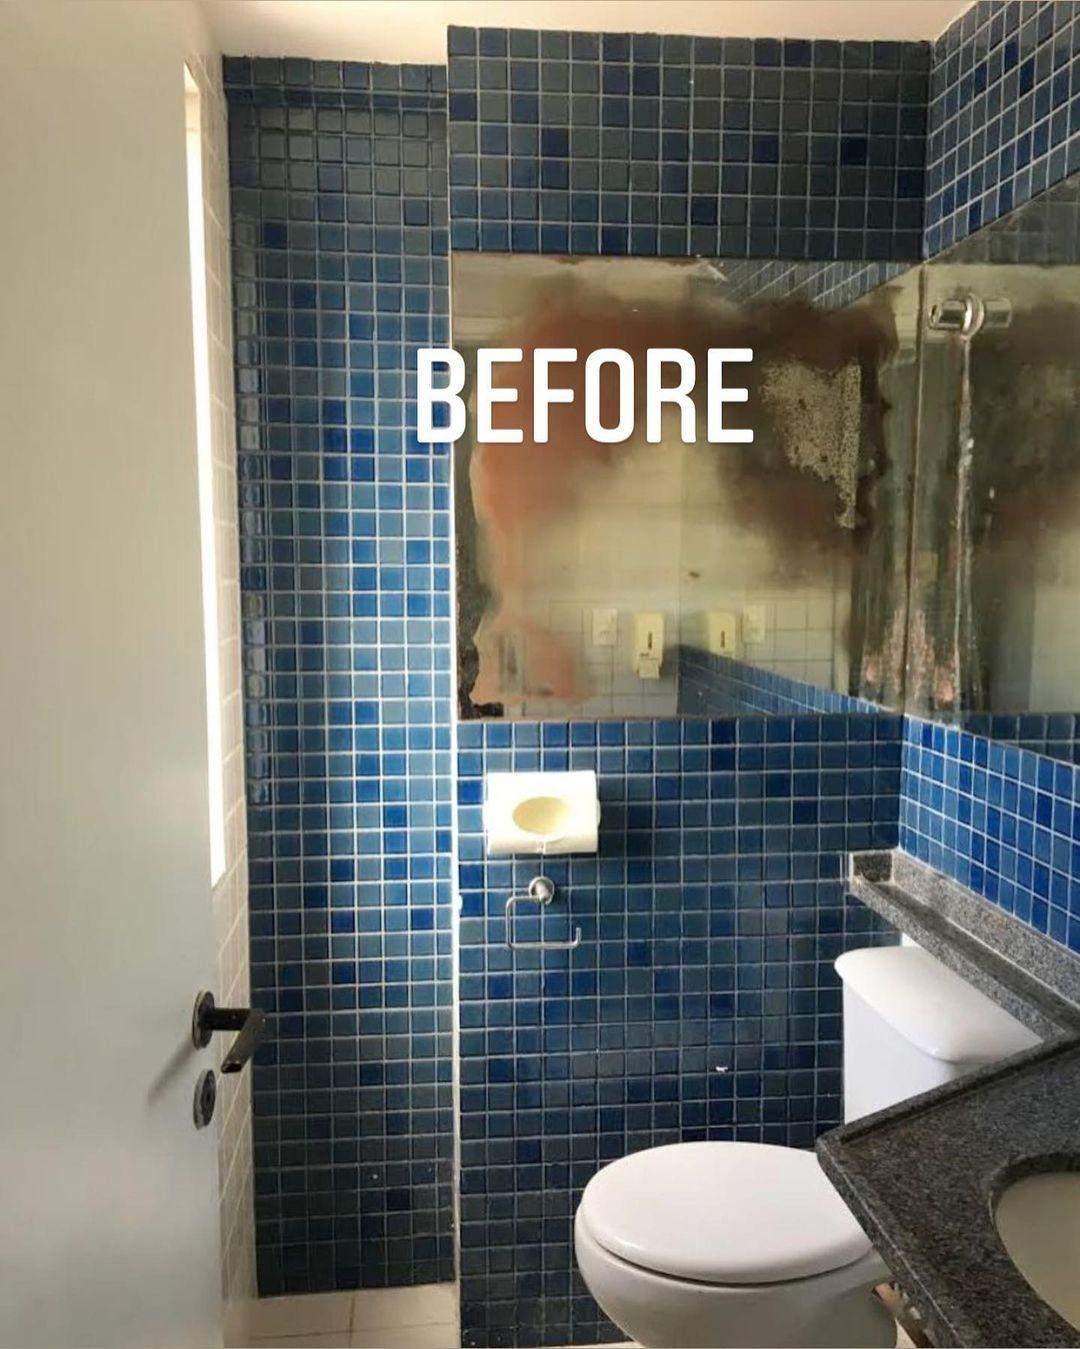 фото до та після репосту ванної